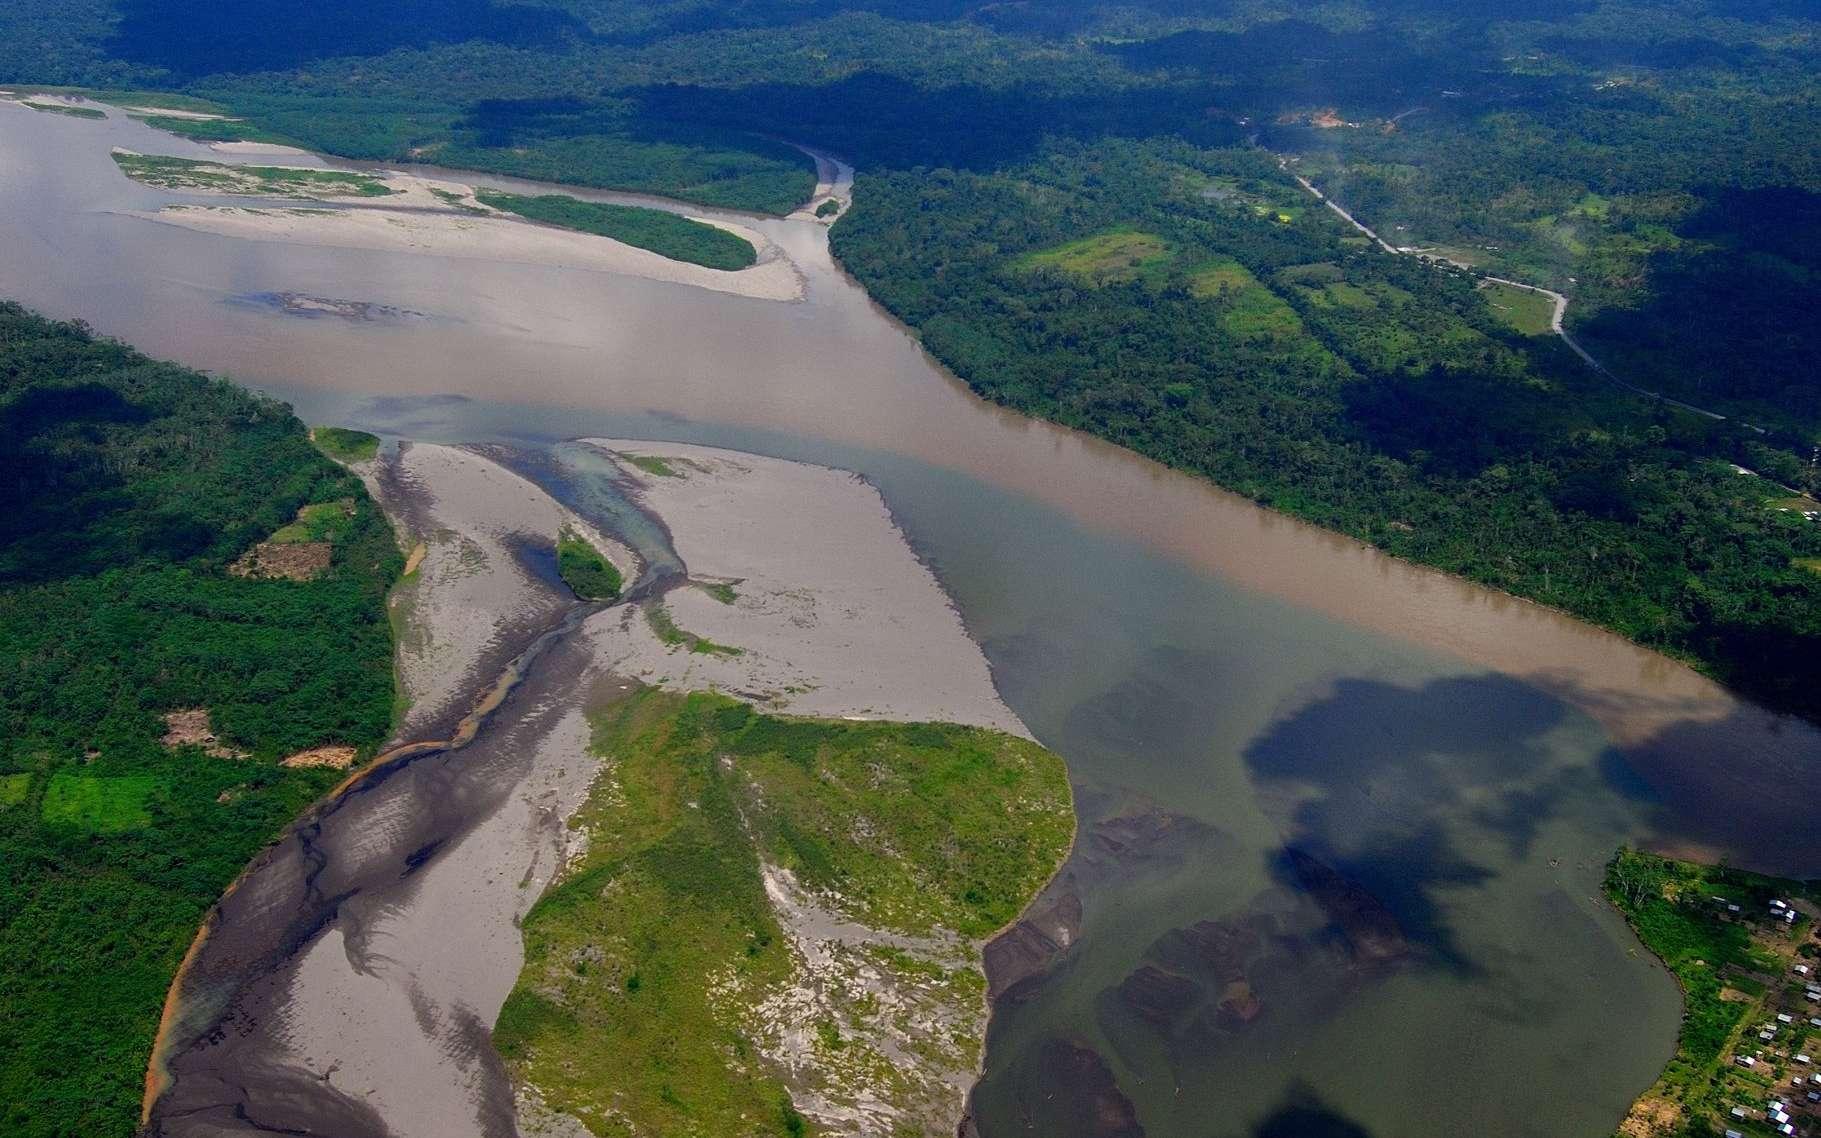 La première remontée complète de l'Amazone par les Européens fut celle de l'expédition menée en 1638 par Pedro Texeira, un Portugais, qui emprunta le Rio Napo (ici en photo), l'un des affluents, pour atteindre Quito, en Équateur. Ailleurs, le confluent du rio Solimões (aux eaux boueuses) et du Rio Negro (aux eaux noires) est remarquable par les teintes très contrastées, les eaux ne se mélangeant qu'après des dizaines de kilomètres. © Rio NAPO Amazonia, Wikimedia Commons, cc by sa 2.0